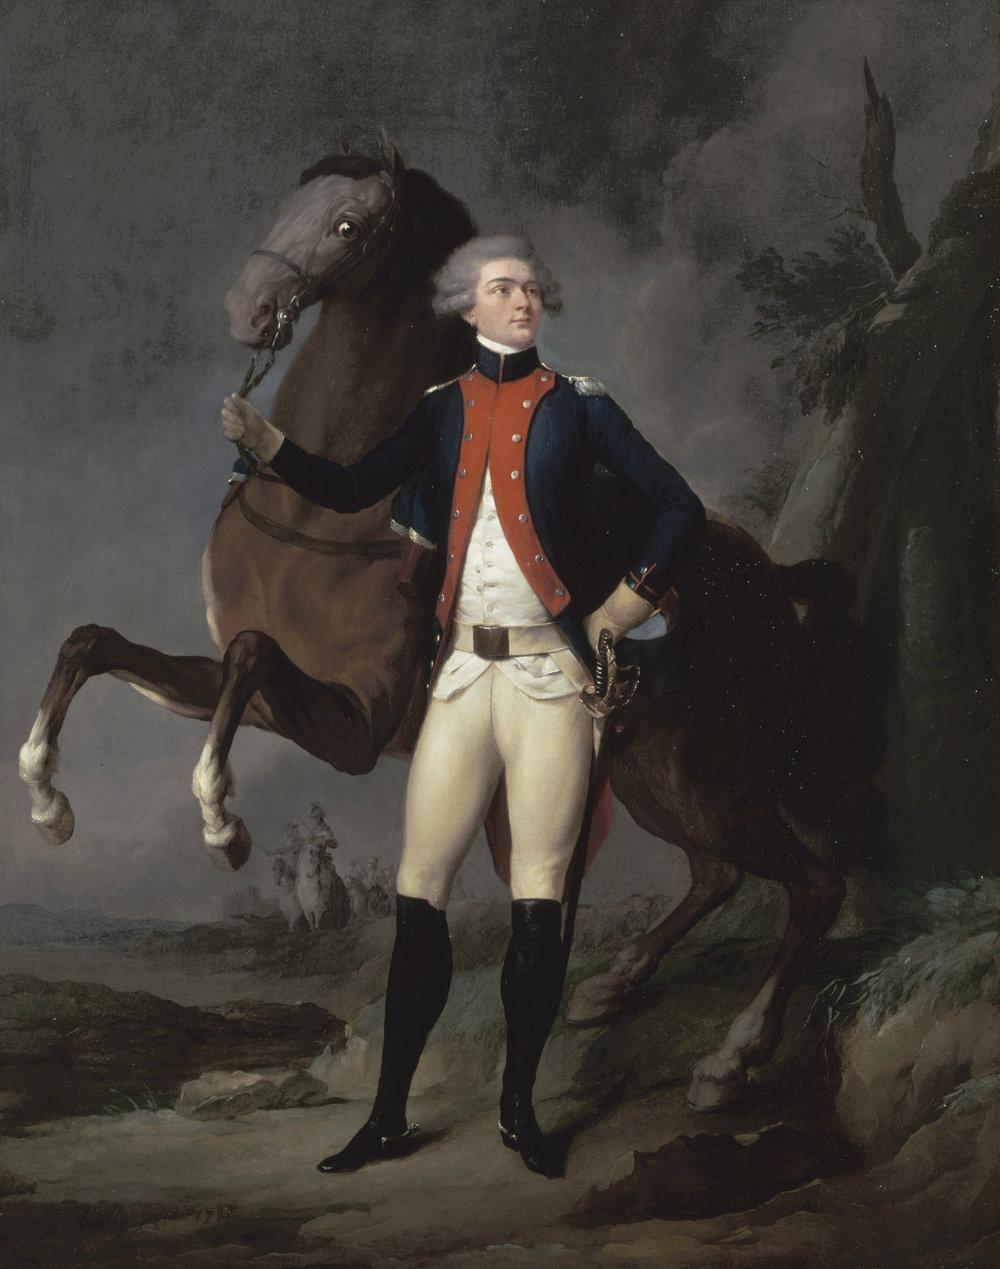 marquis-lafayette-commanditaire-locre-coffret-voyage-transport-armes-personnelles-vers-amerique